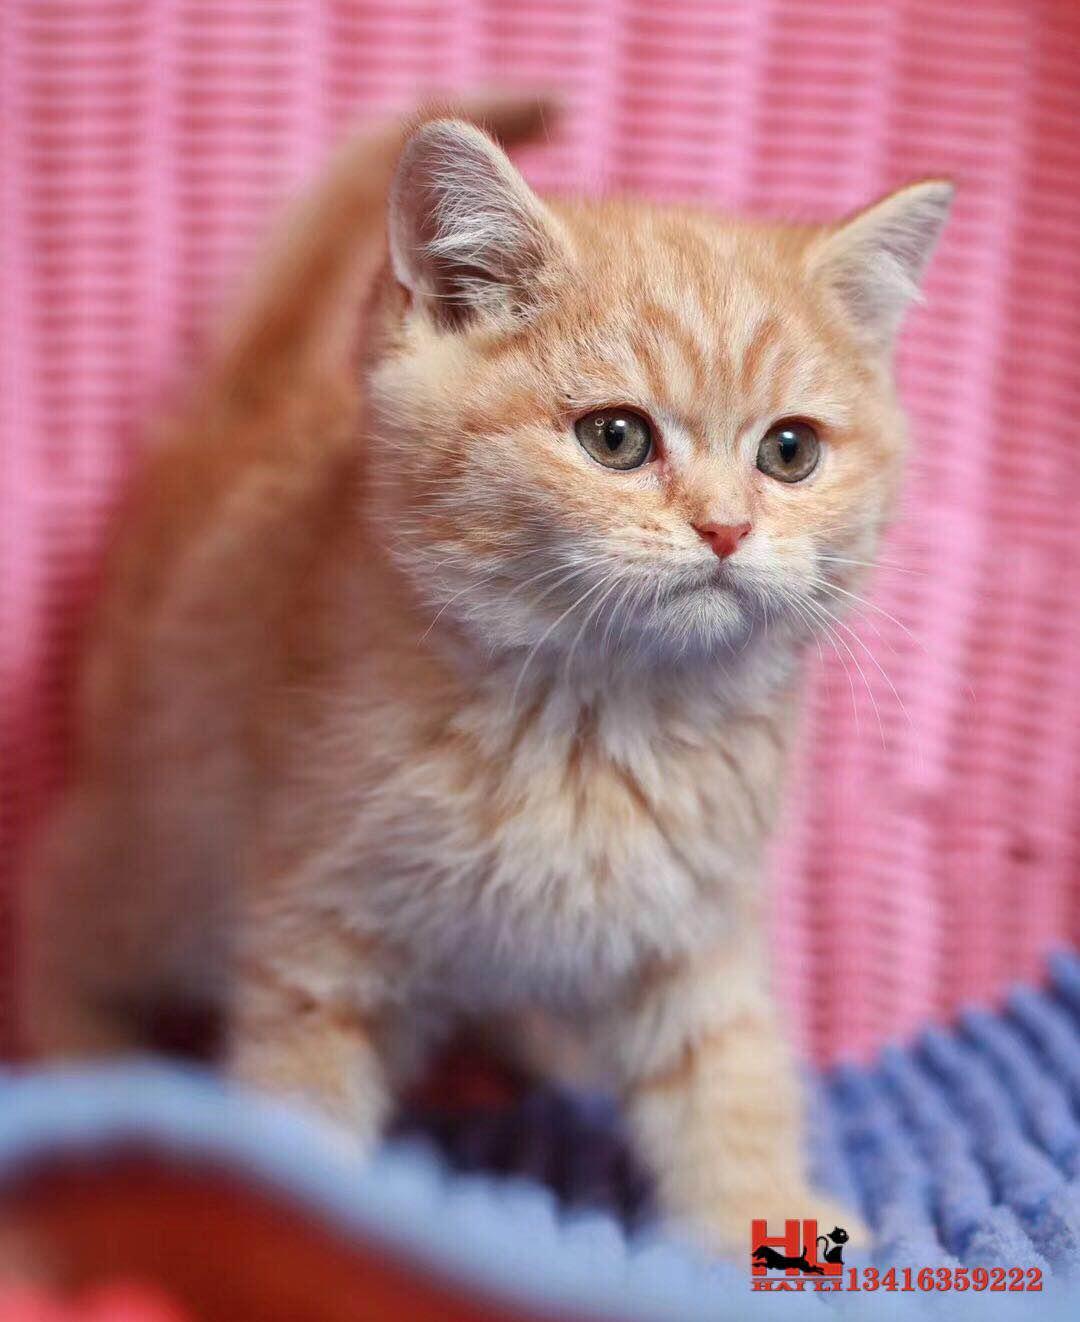 广州自家繁殖中华田园猫橘猫 做好疫苗驱虫 欢迎咨询